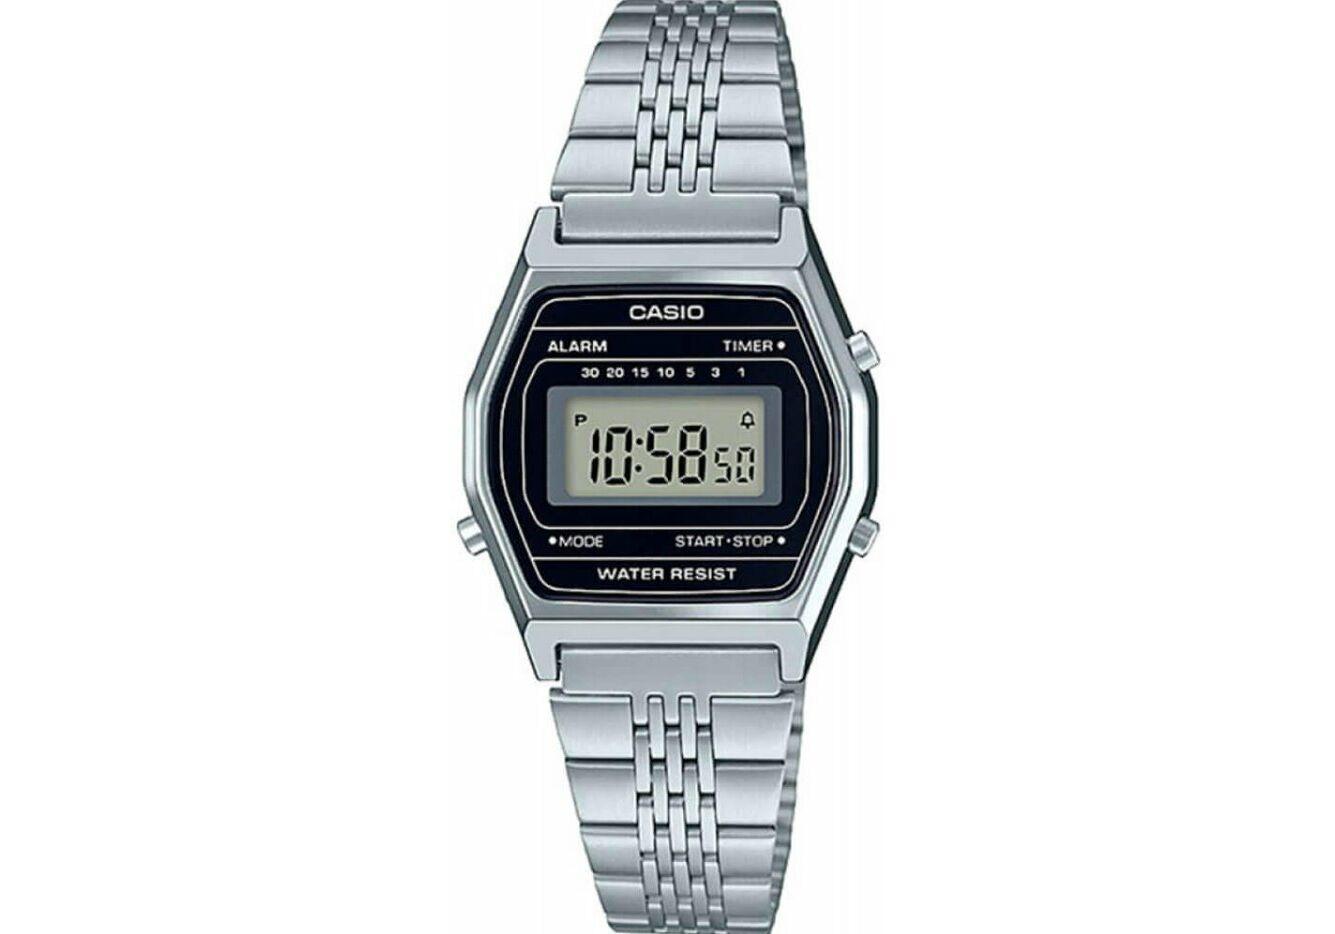 70025207 Женские часы CASIO LA690WEA-1EF - купить по цене 1430 в грн в Киеве ...